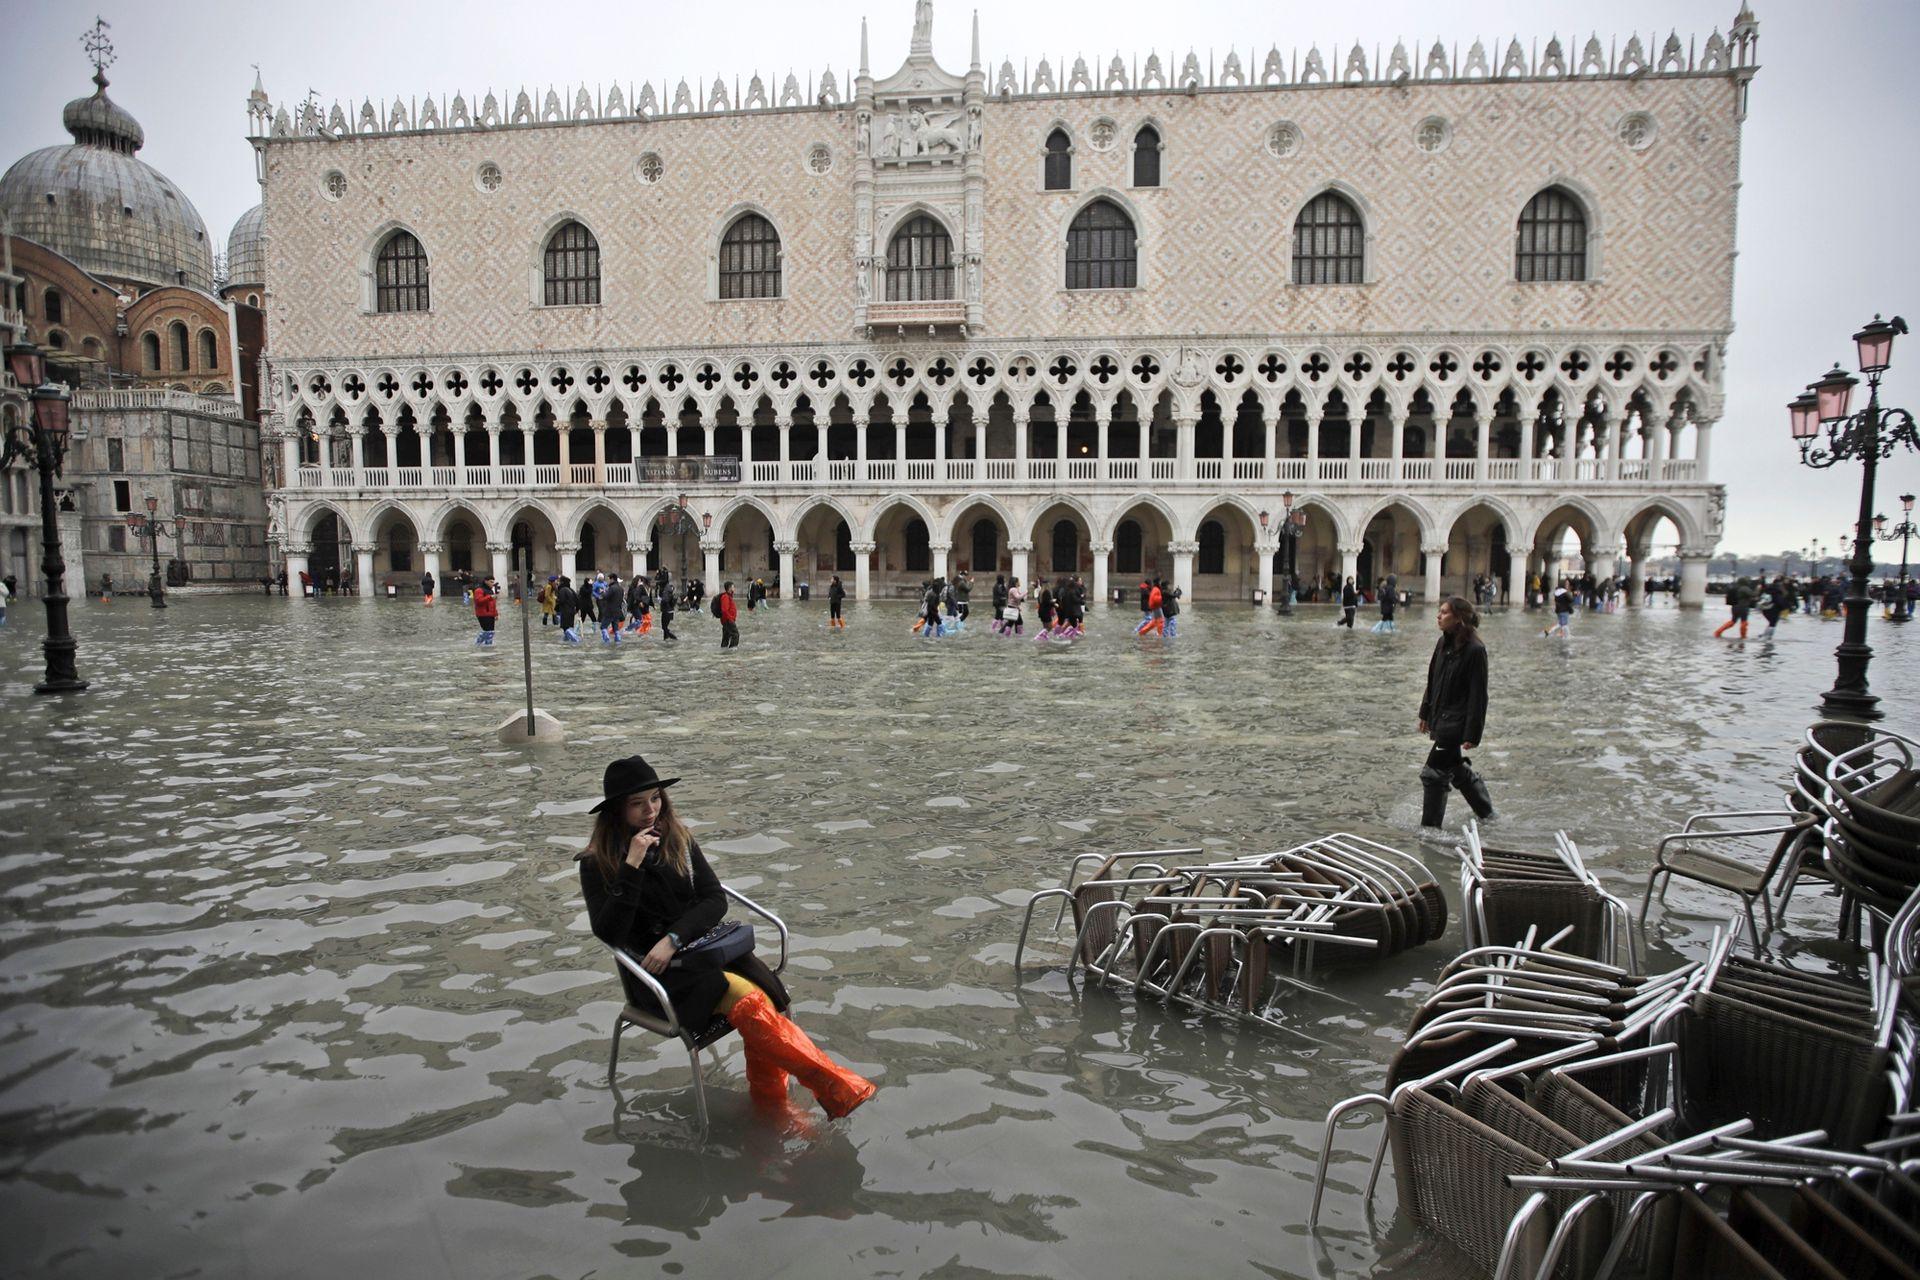 Una mujer se sienta en una silla en una plaza inundada de San Marcos, en Venecia, el 13 de noviembre de 2019